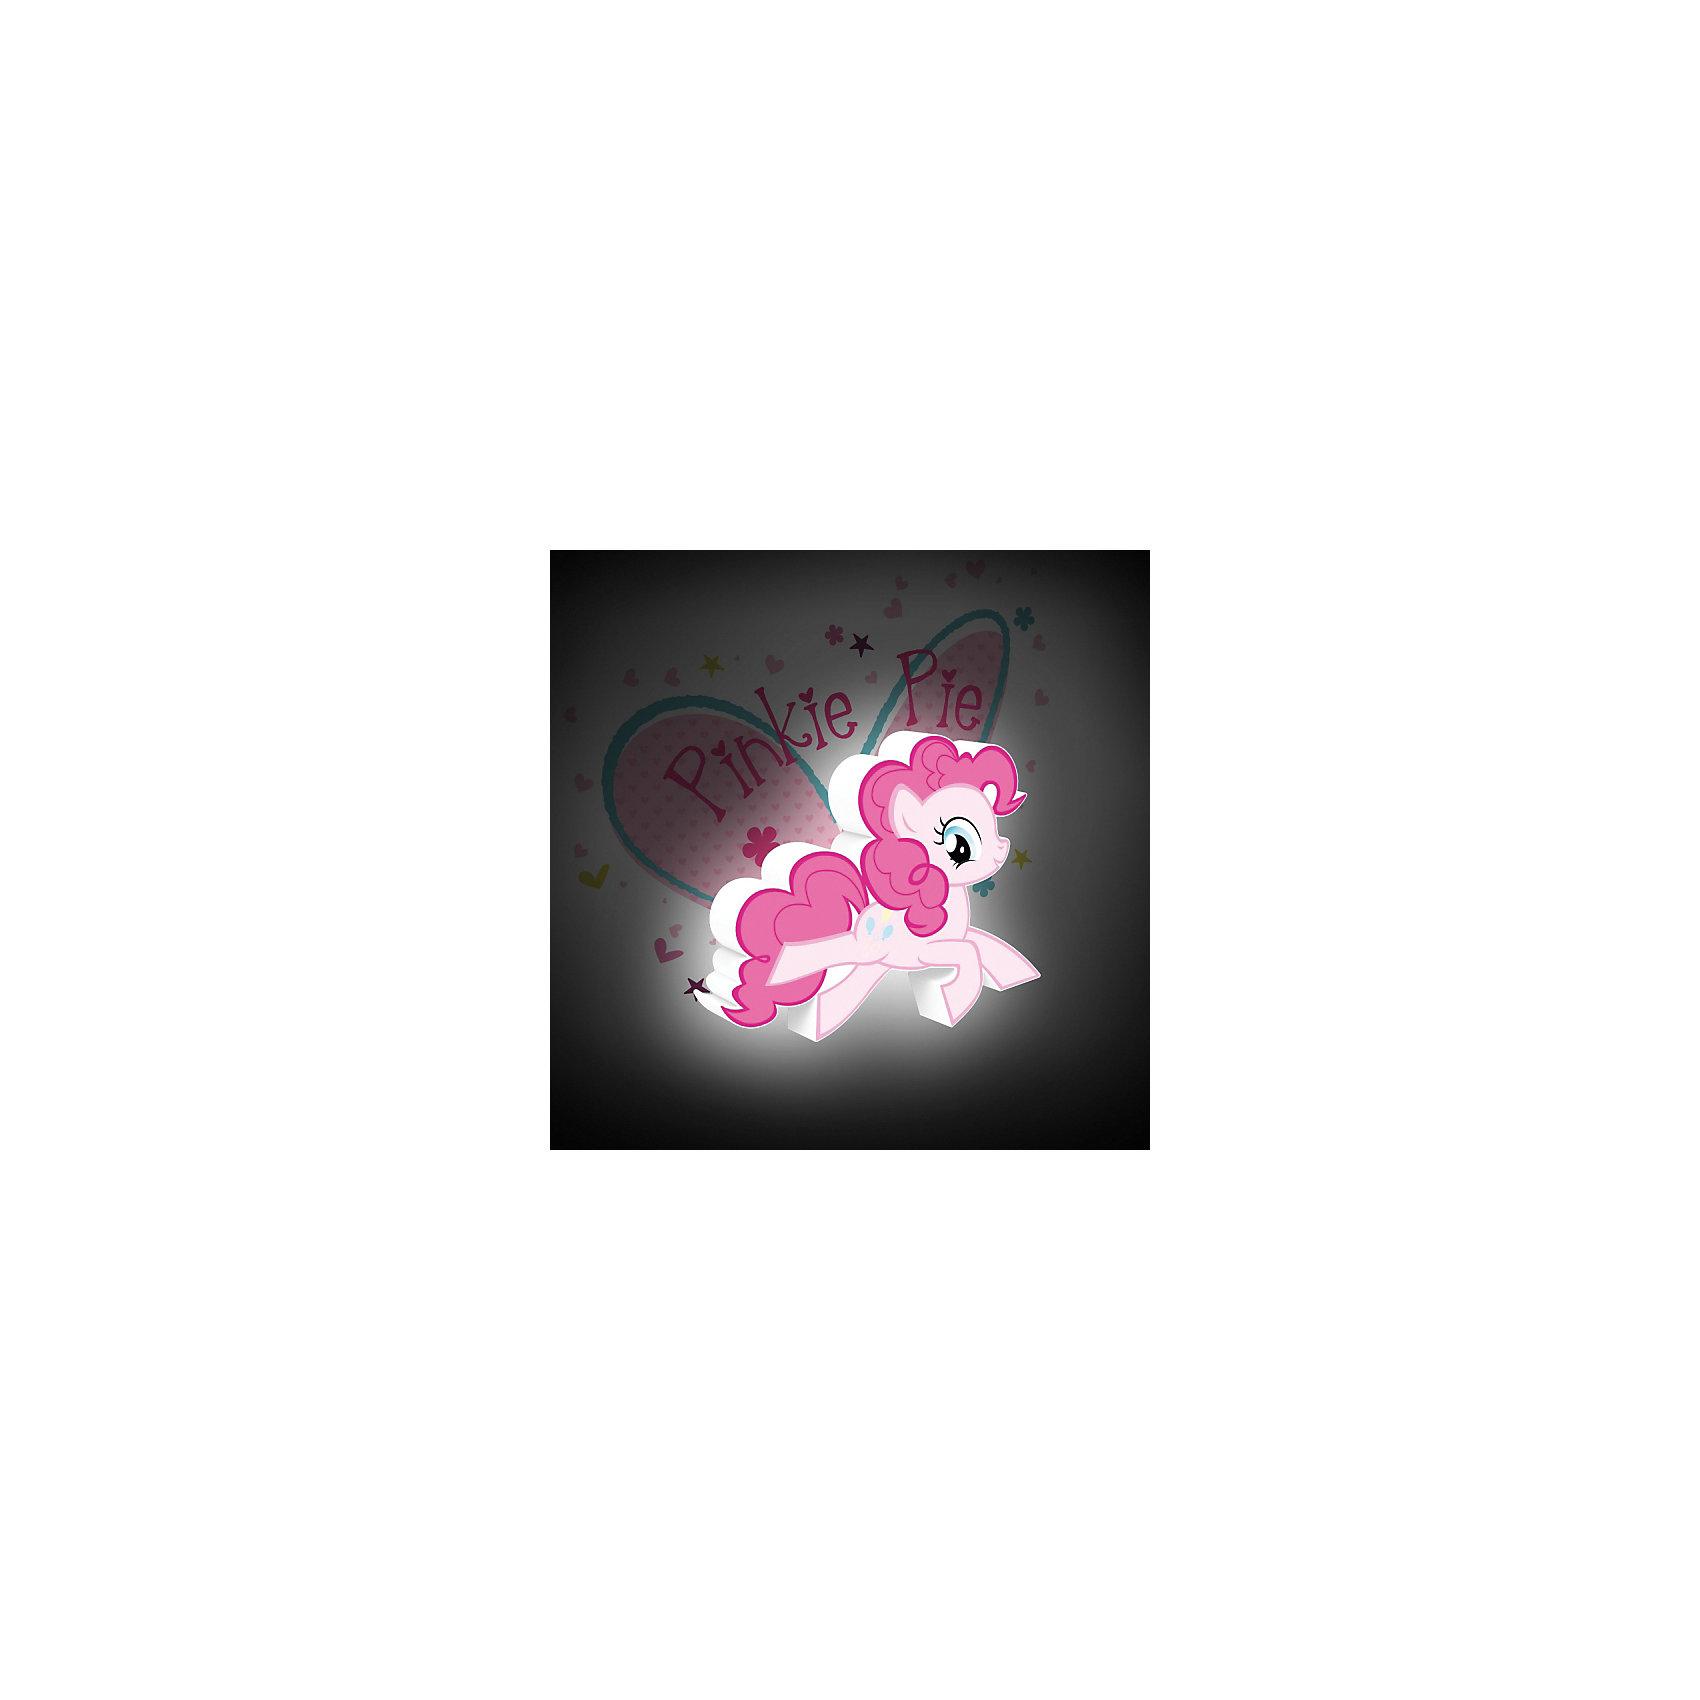 Пробивной мини 3D светильник Пинки Пай, My Little PonyПробивной мини 3D светильник Пинки Пай, My Little Pony – станет оригинальным декором для комнаты и подарит приятный мягкий свет.<br>Оригинальный пробивной 3D светильник, выполненный в виде пони Пинки Пай – героини мультсериала «My Little Pony», создаст сказочную атмосферу в детской комнате. Мягкое приглушенное свечение наполнит детскую комнату теплом и уютом и избавит вашу малышку от ночных страхов. В основе работы светильника заложена светодиодная LED-технология, благодаря которой - он лёгкий, затрачивает небольшое количество энергии, не нагревается. Включение и выключения светильника выполняется путем передвижения рычажка. Приятным дополнением к светильнику служат тематические наклейки для декора.<br><br>Дополнительная информация:<br><br>- В комплекте: светильник; наклейки; крепеж<br>- Товар предназначен для детей старше 3 лет<br>- Безопасный: без проводов, работает от батареек (2хААА, не входят в комплект)<br>- Используются светодиоды: LED технология<br>- Не нагревается: всегда можно дотронуться до изделия<br>- Фантастический: выглядит превосходно в любое время суток<br>- Удобный: простая установка (автоматическое выключение через полчаса непрерывной работы)<br>- Материал: пластик, металл<br>- Размер светильника: 14x2,5x11,4 см.<br>- Размер упаковки: 16,5х3,6х14 см.<br>- Вес: 0,16 кг.<br>- ВНИМАНИЕ! Содержит мелкие детали, использовать под непосредственным наблюдением взрослых<br>- Страна происхождения: Китай<br>- Дизайн и разработка: Канада<br><br>Пробивной мини 3D светильник Пинки Пай, My Little Pony можно купить в нашем интернет-магазине.<br><br>Ширина мм: 165<br>Глубина мм: 36<br>Высота мм: 140<br>Вес г: 160<br>Возраст от месяцев: 36<br>Возраст до месяцев: 2147483647<br>Пол: Унисекс<br>Возраст: Детский<br>SKU: 4566029